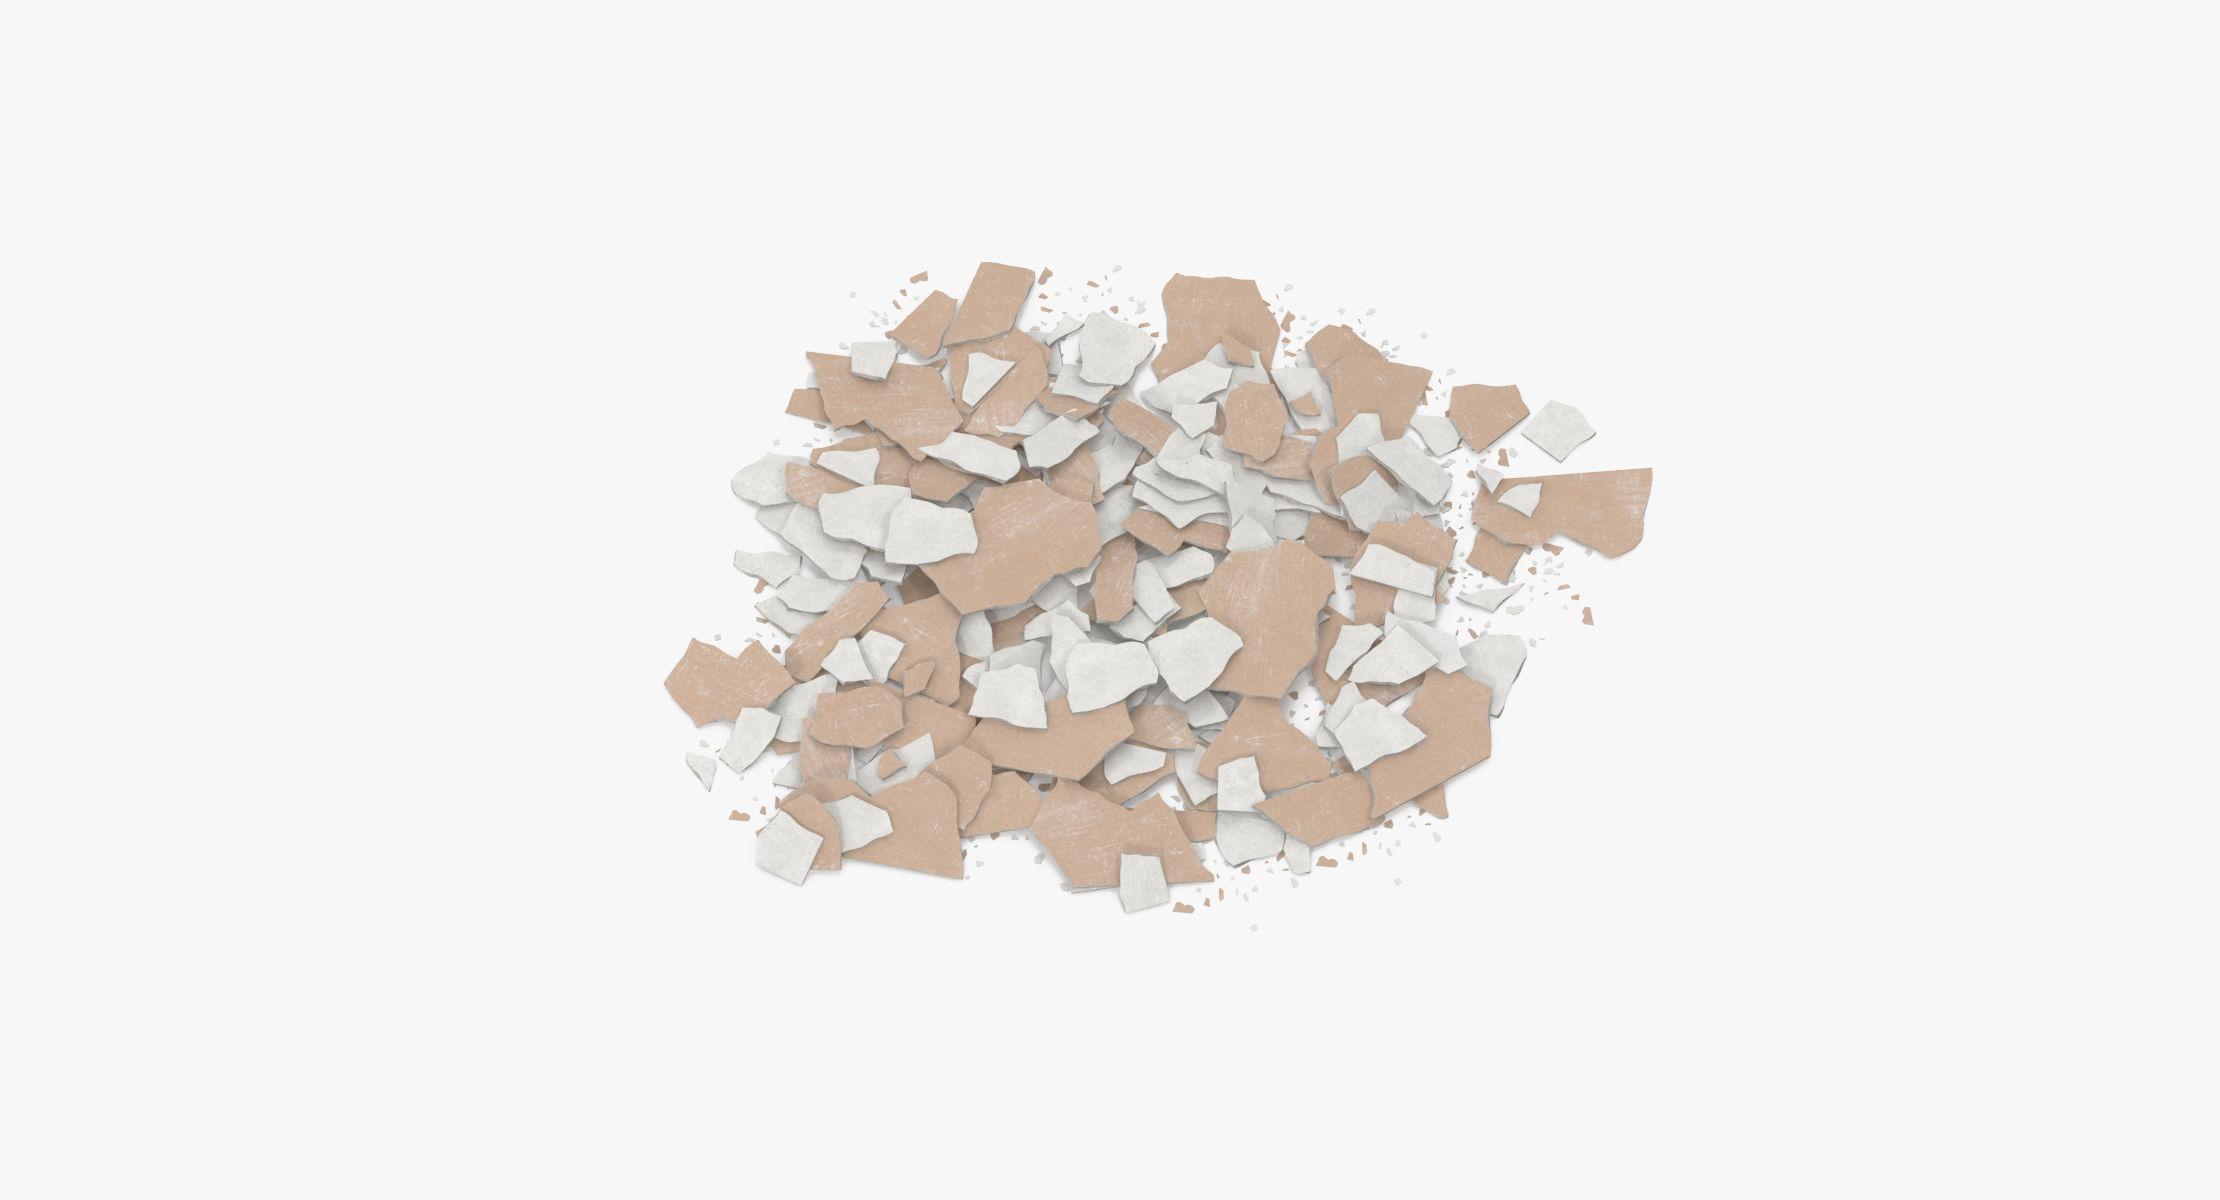 Broken Sheetrock - 04 - reel 1